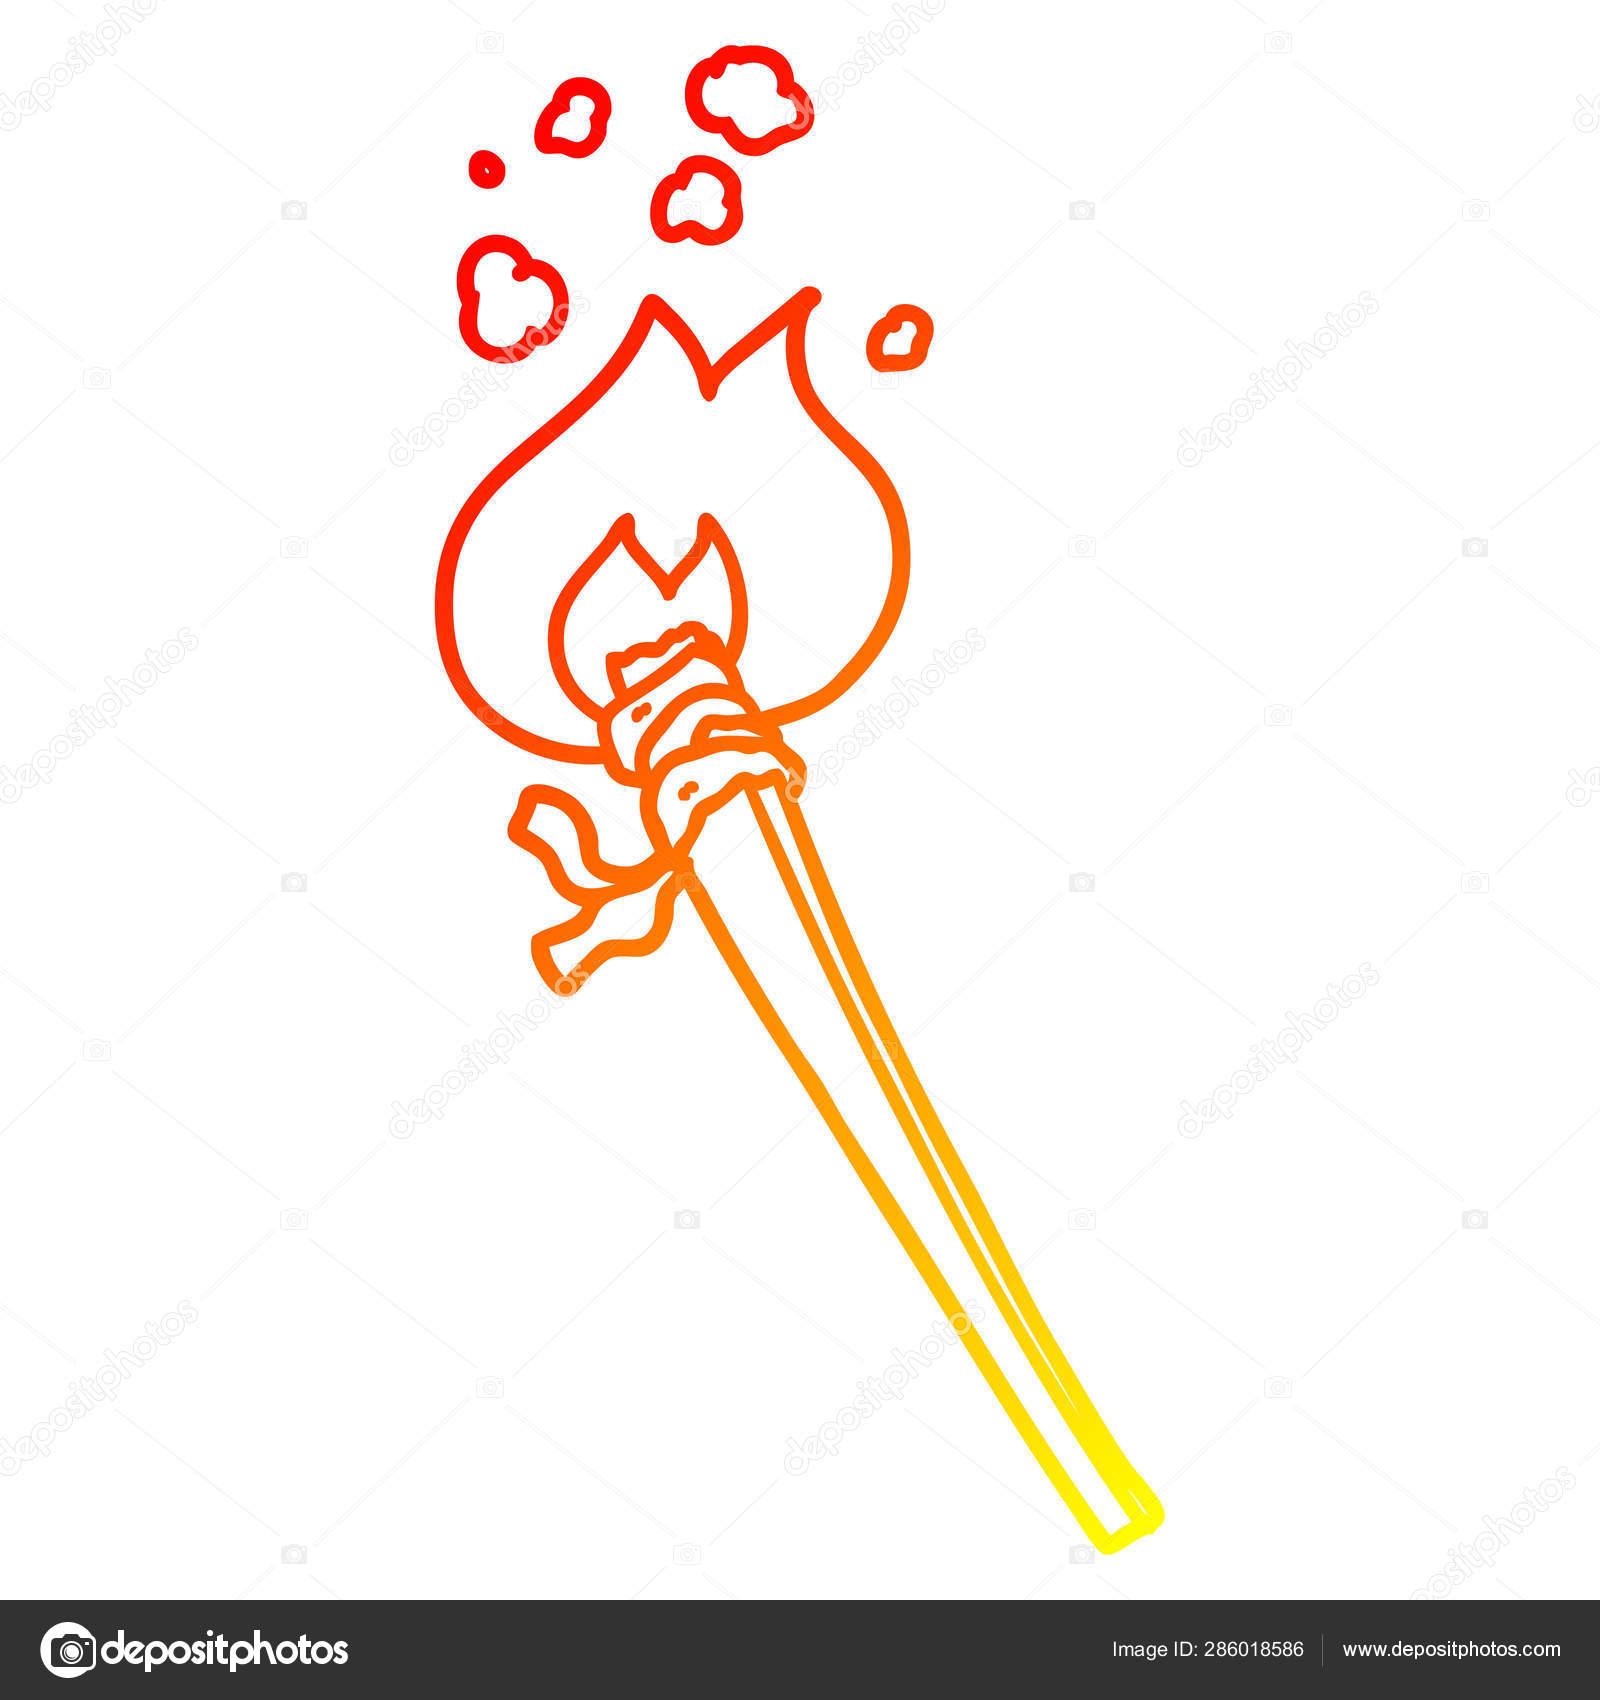 Linha De Gradiente Quente Desenho Caricatura Queima Tocha Vetores De Stock C Lineartestpilot 286018586